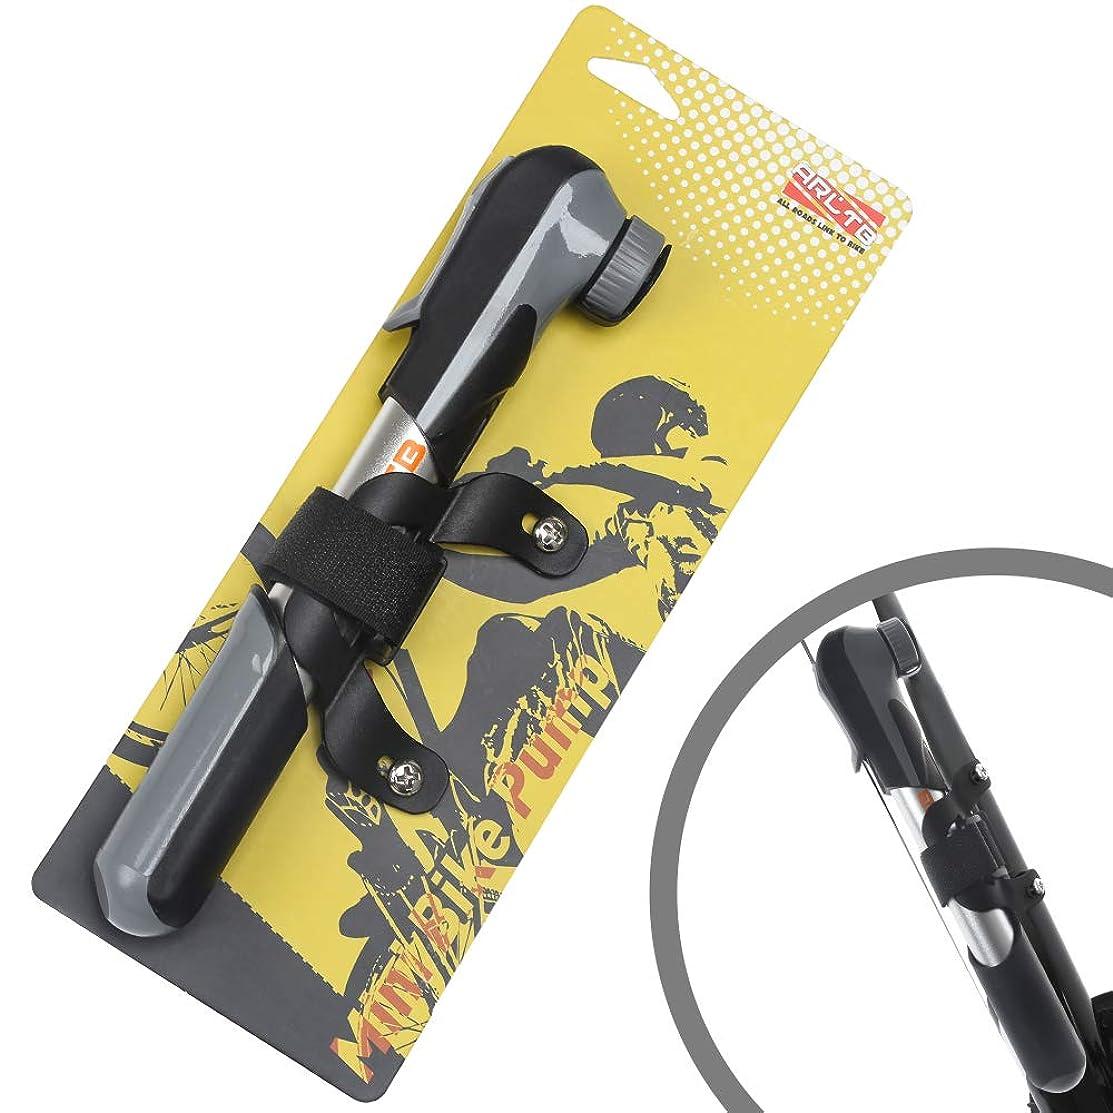 リッチ手がかりにはまってArltb 自転車ミニポンプ 自転車 空気入れ ミニ携帯ポンプ ミニポンプ 高圧力